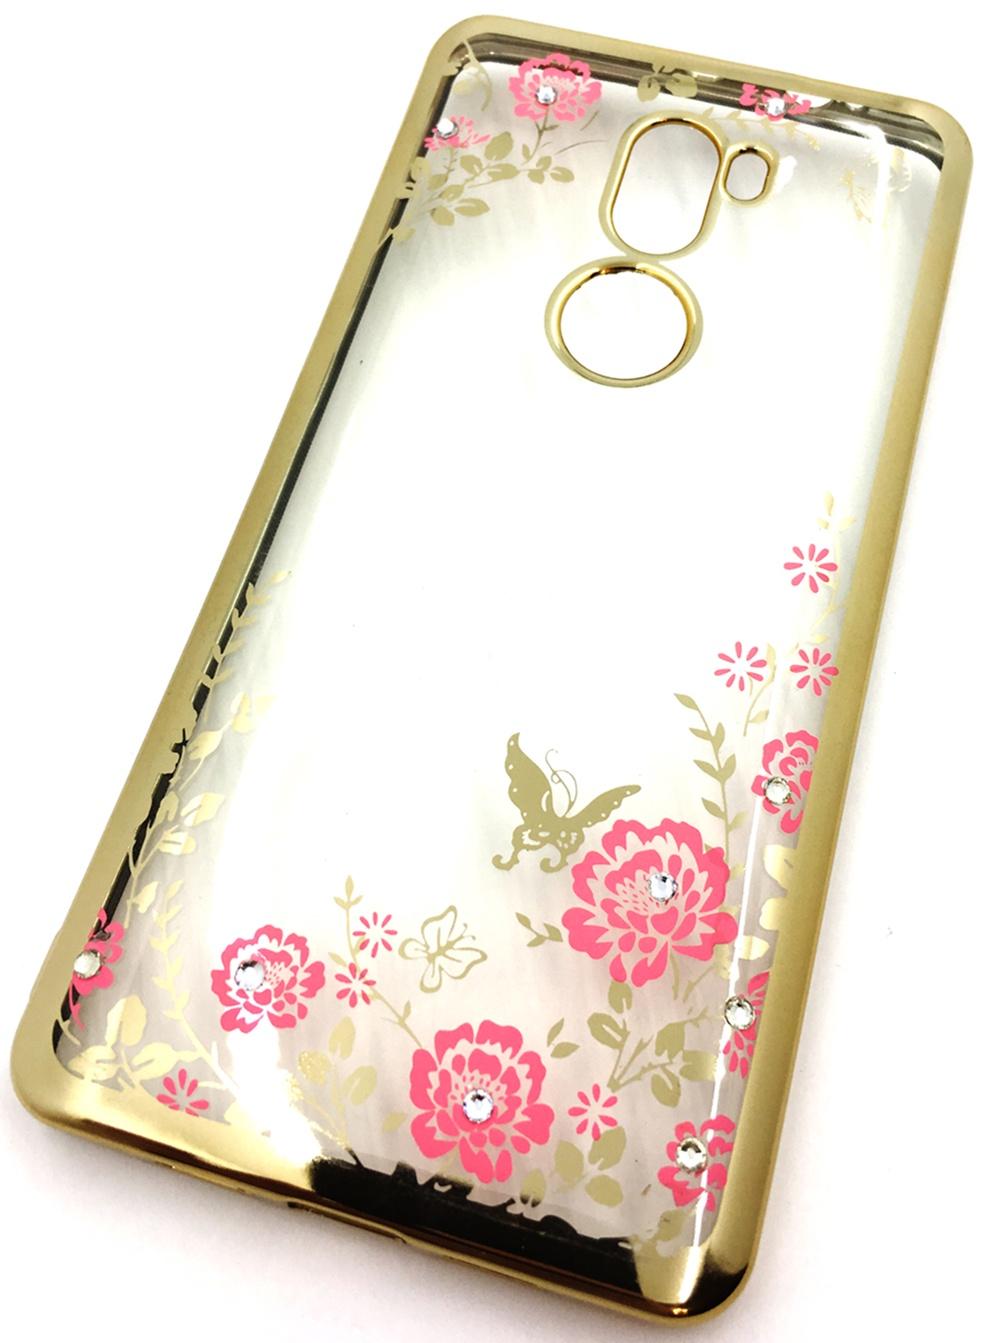 Чехол для сотового телефона Мобильная мода Xiaomi Mi5S Plus Силиконовая, прозрачная накладка со стразами, 6975G, золотой чехол для сотового телефона мобильная мода meizu pro 6 силиконовая прозрачная накладка со стразами 6371g золотой